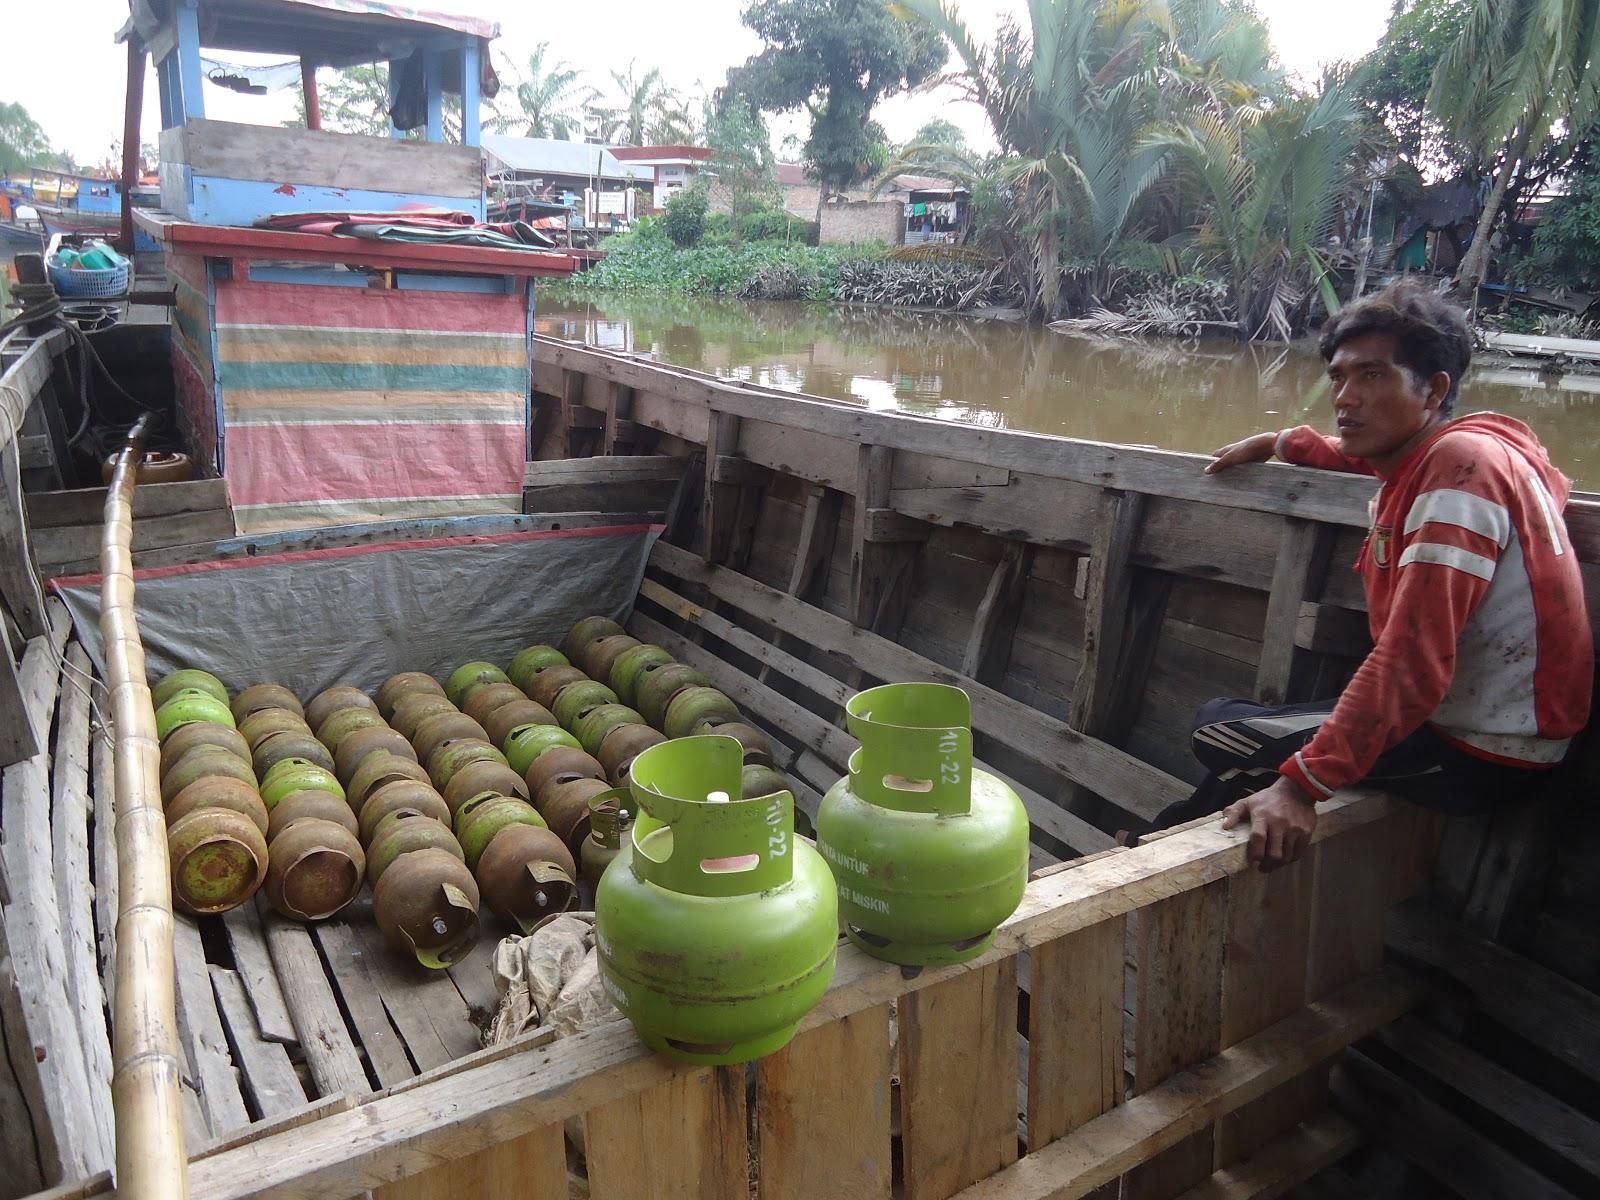 Tabung gas elpiji 3 kg yang dibawa naik kapal saat diamankan polisi.